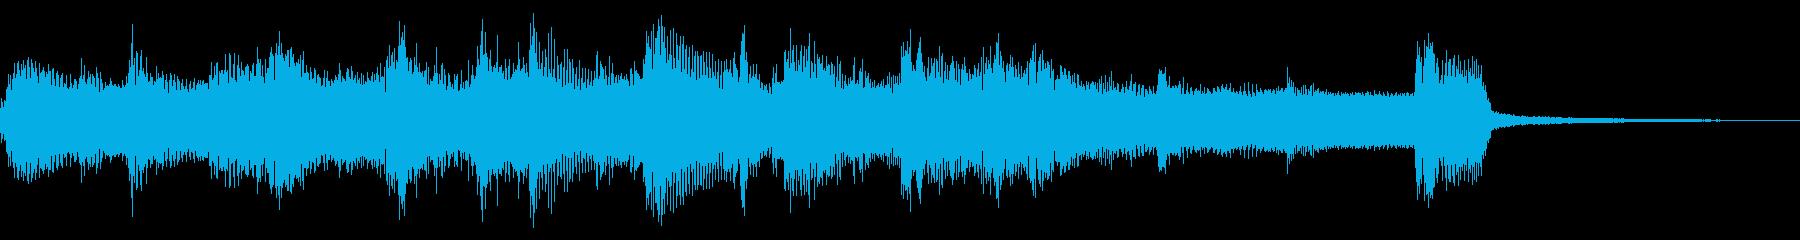 のんびりほんわかしたウクレレジングルの再生済みの波形